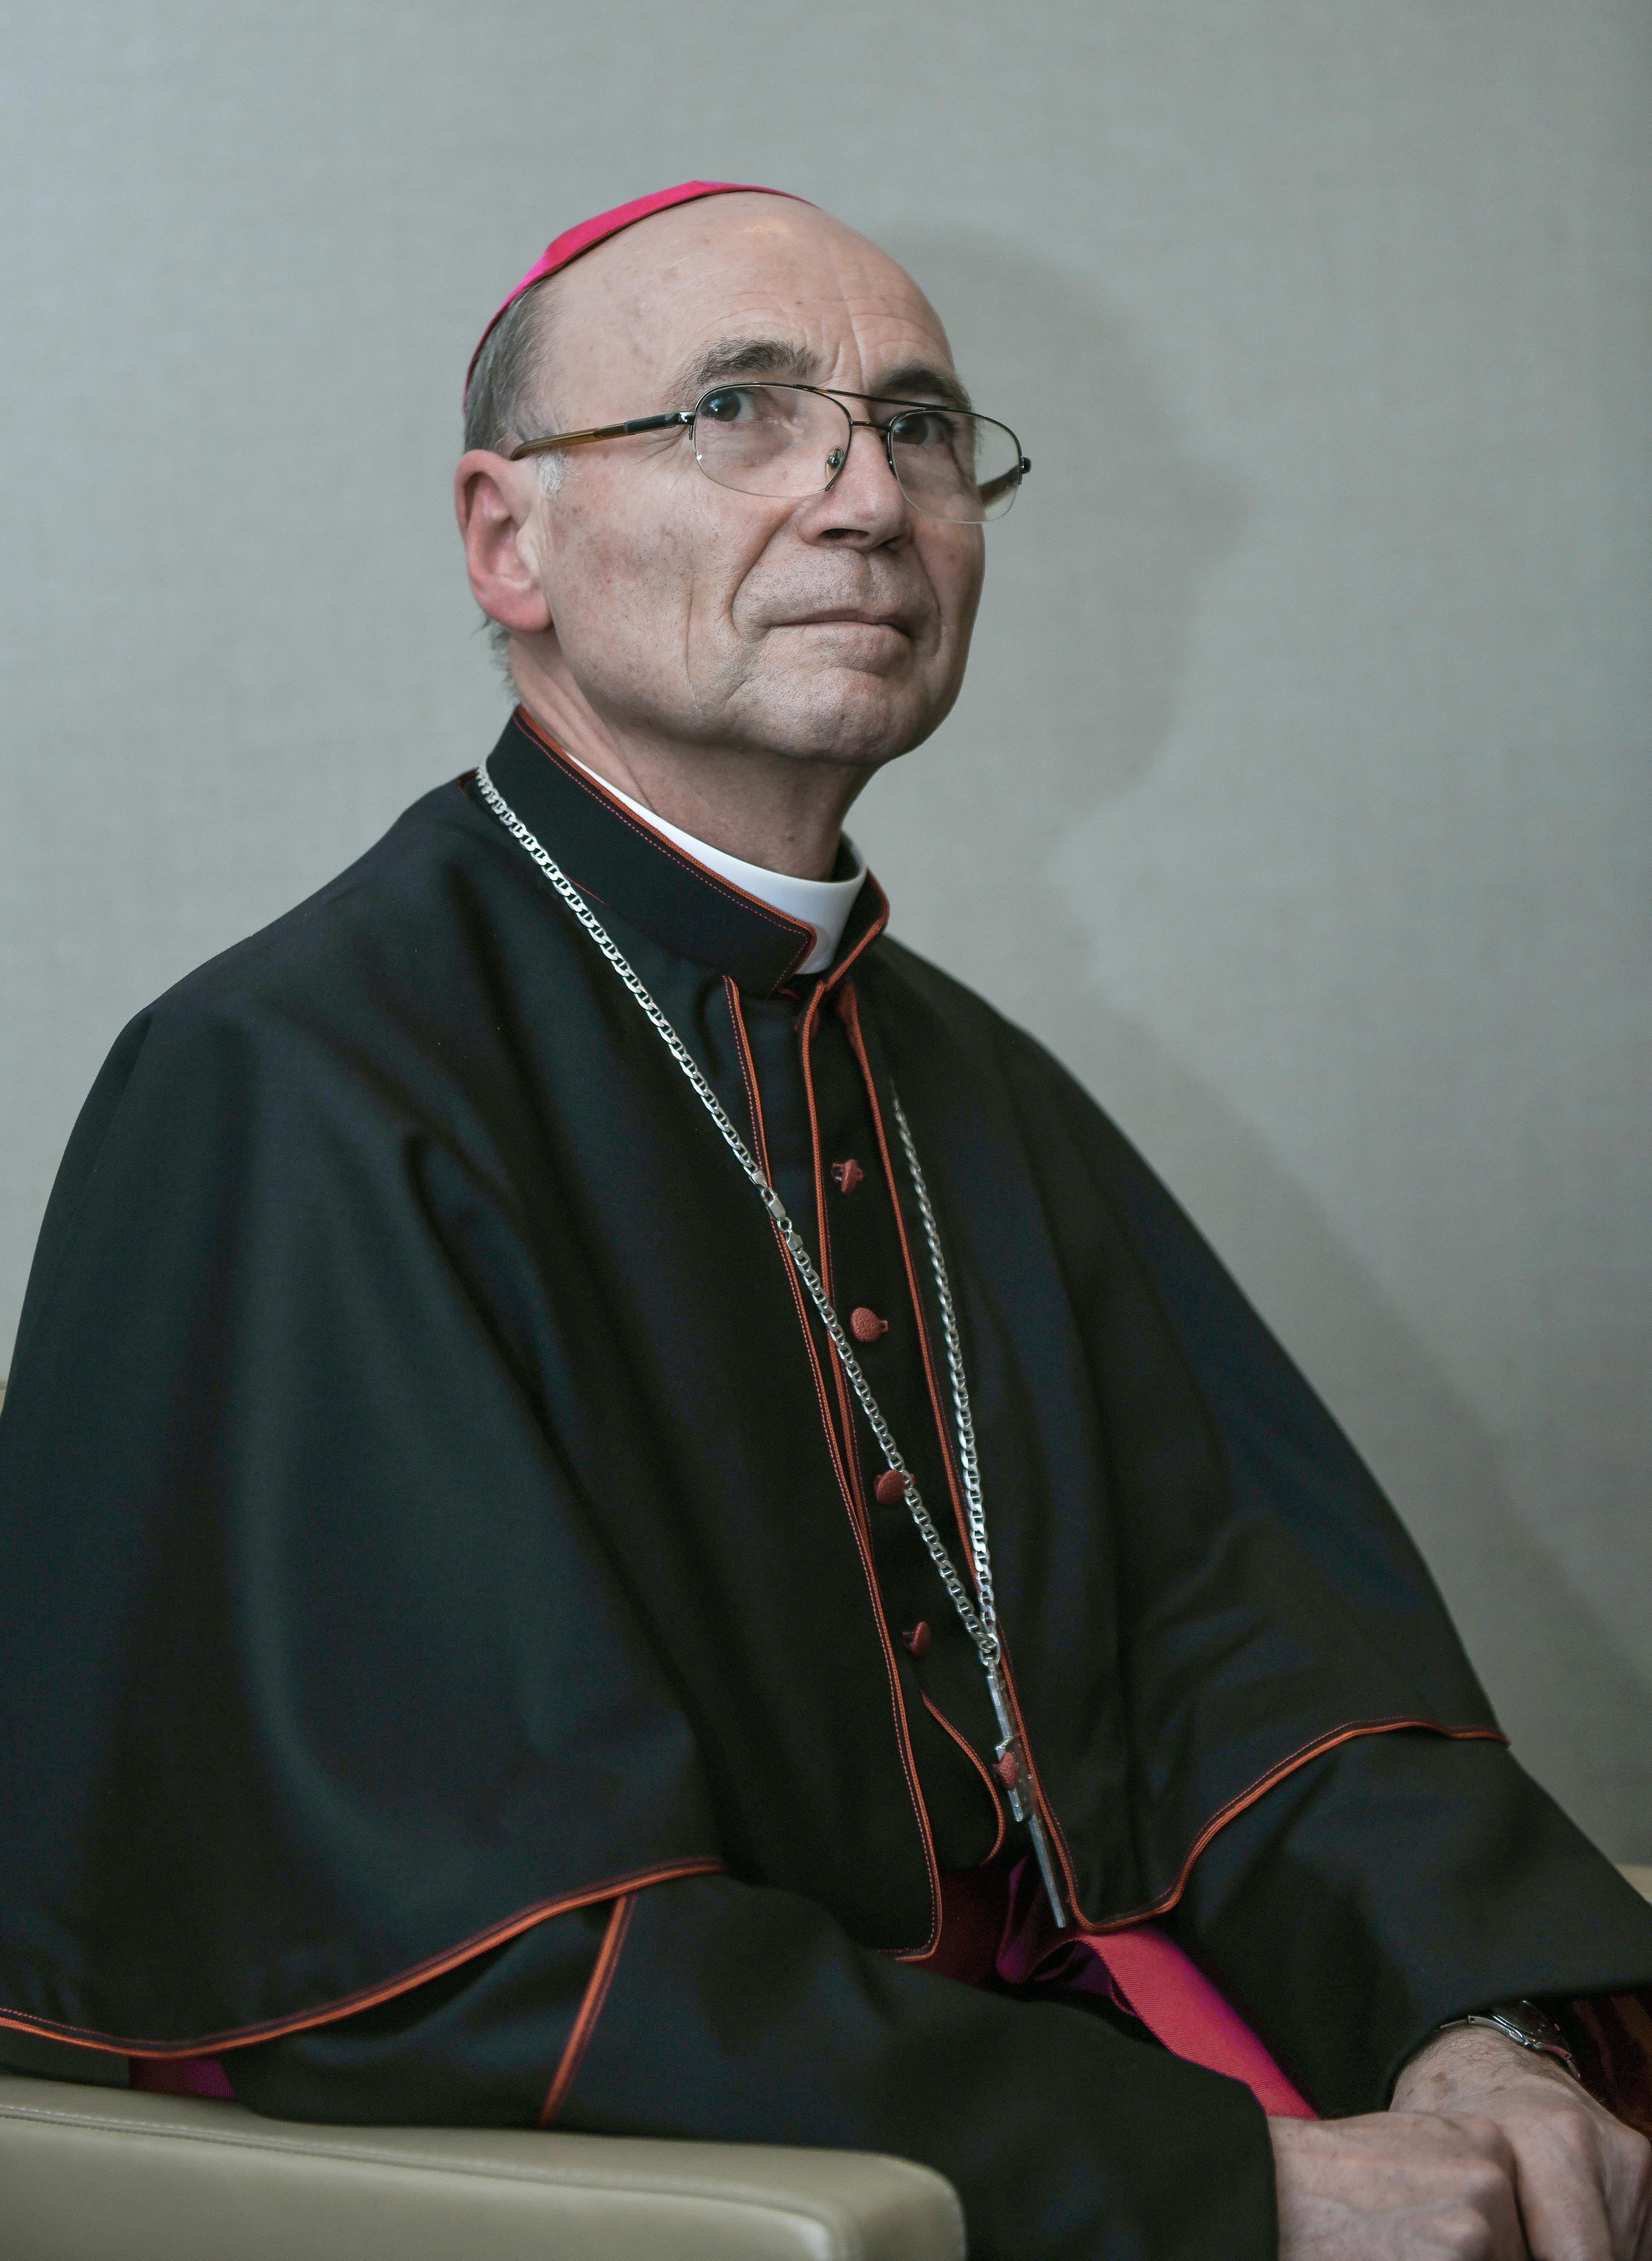 Епископ Владимир Фекете